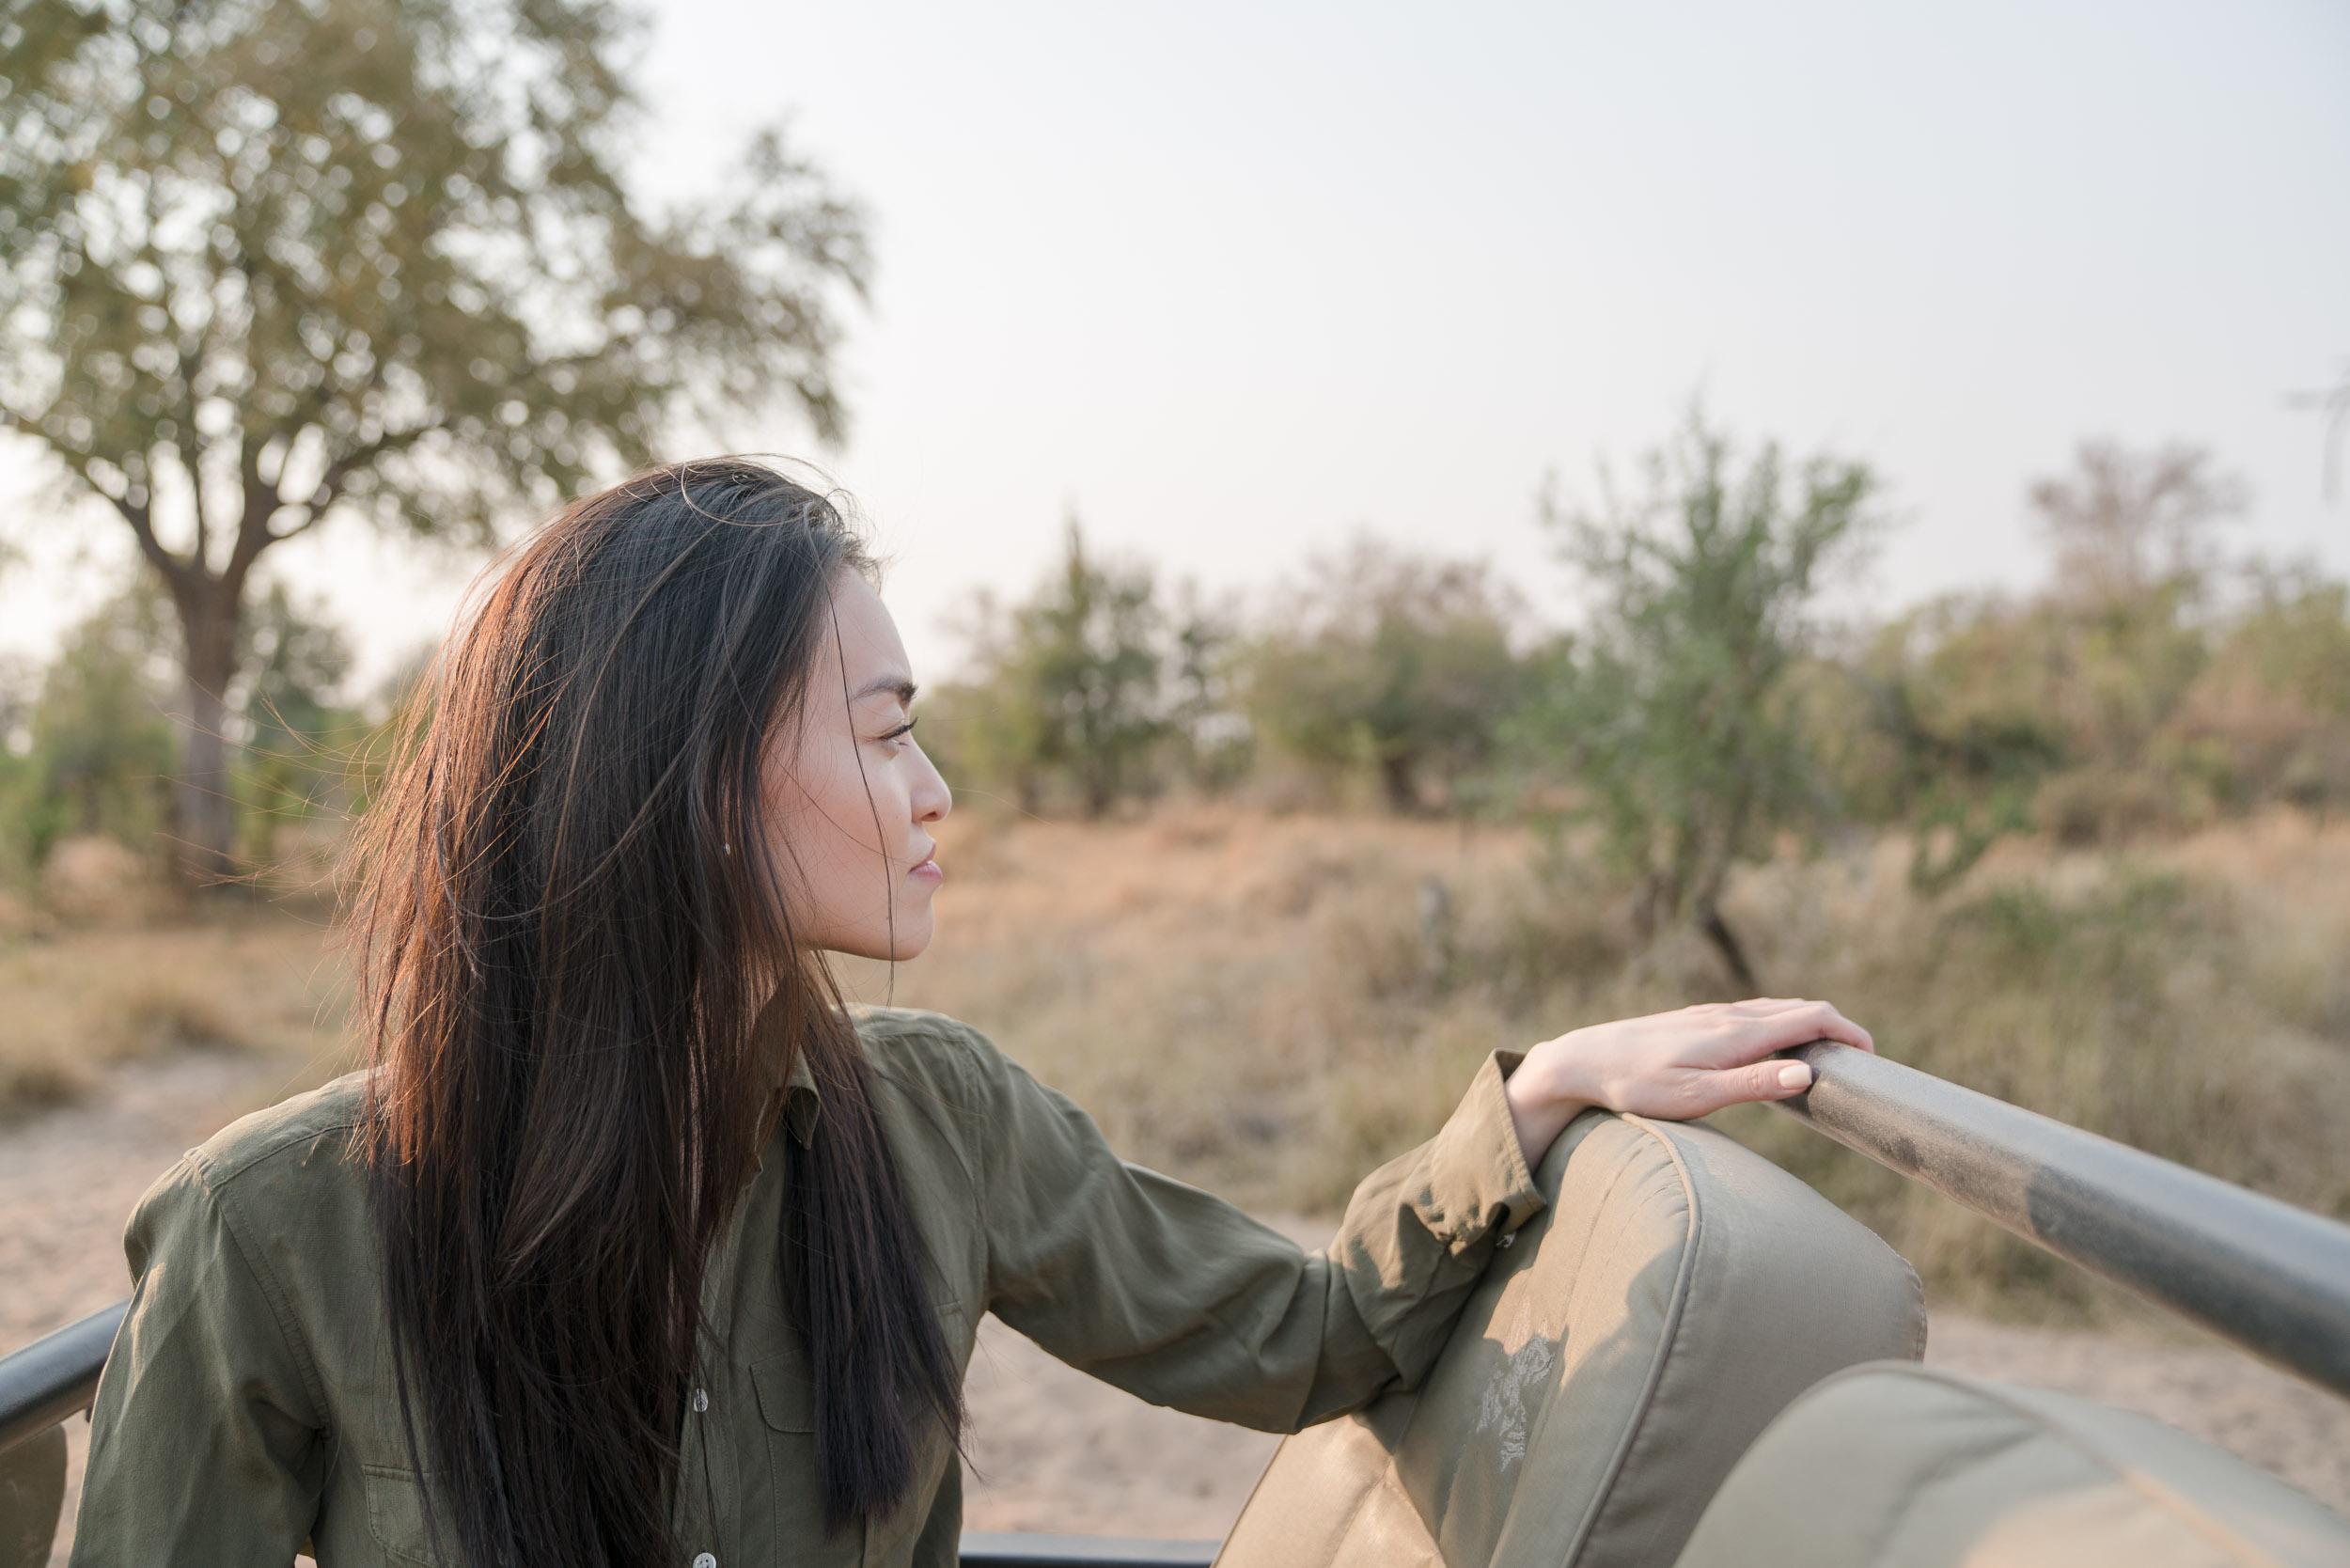 the_getaway_edit_south_africa_safari_londolozi_game_reserve-29.jpg